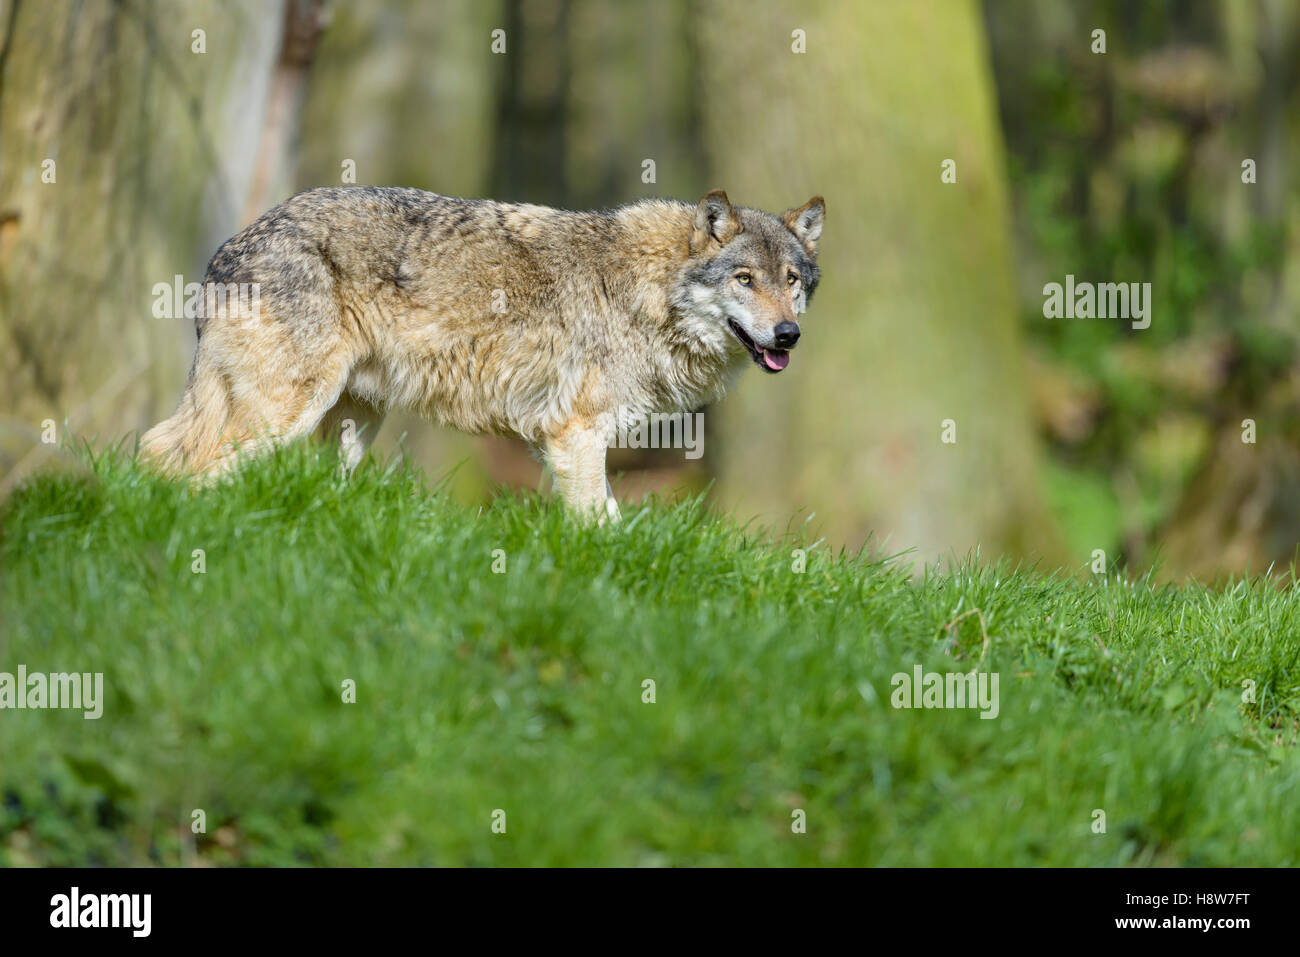 Europaeischer Wolf, Canis lupus, European grey wolf Stock Photo